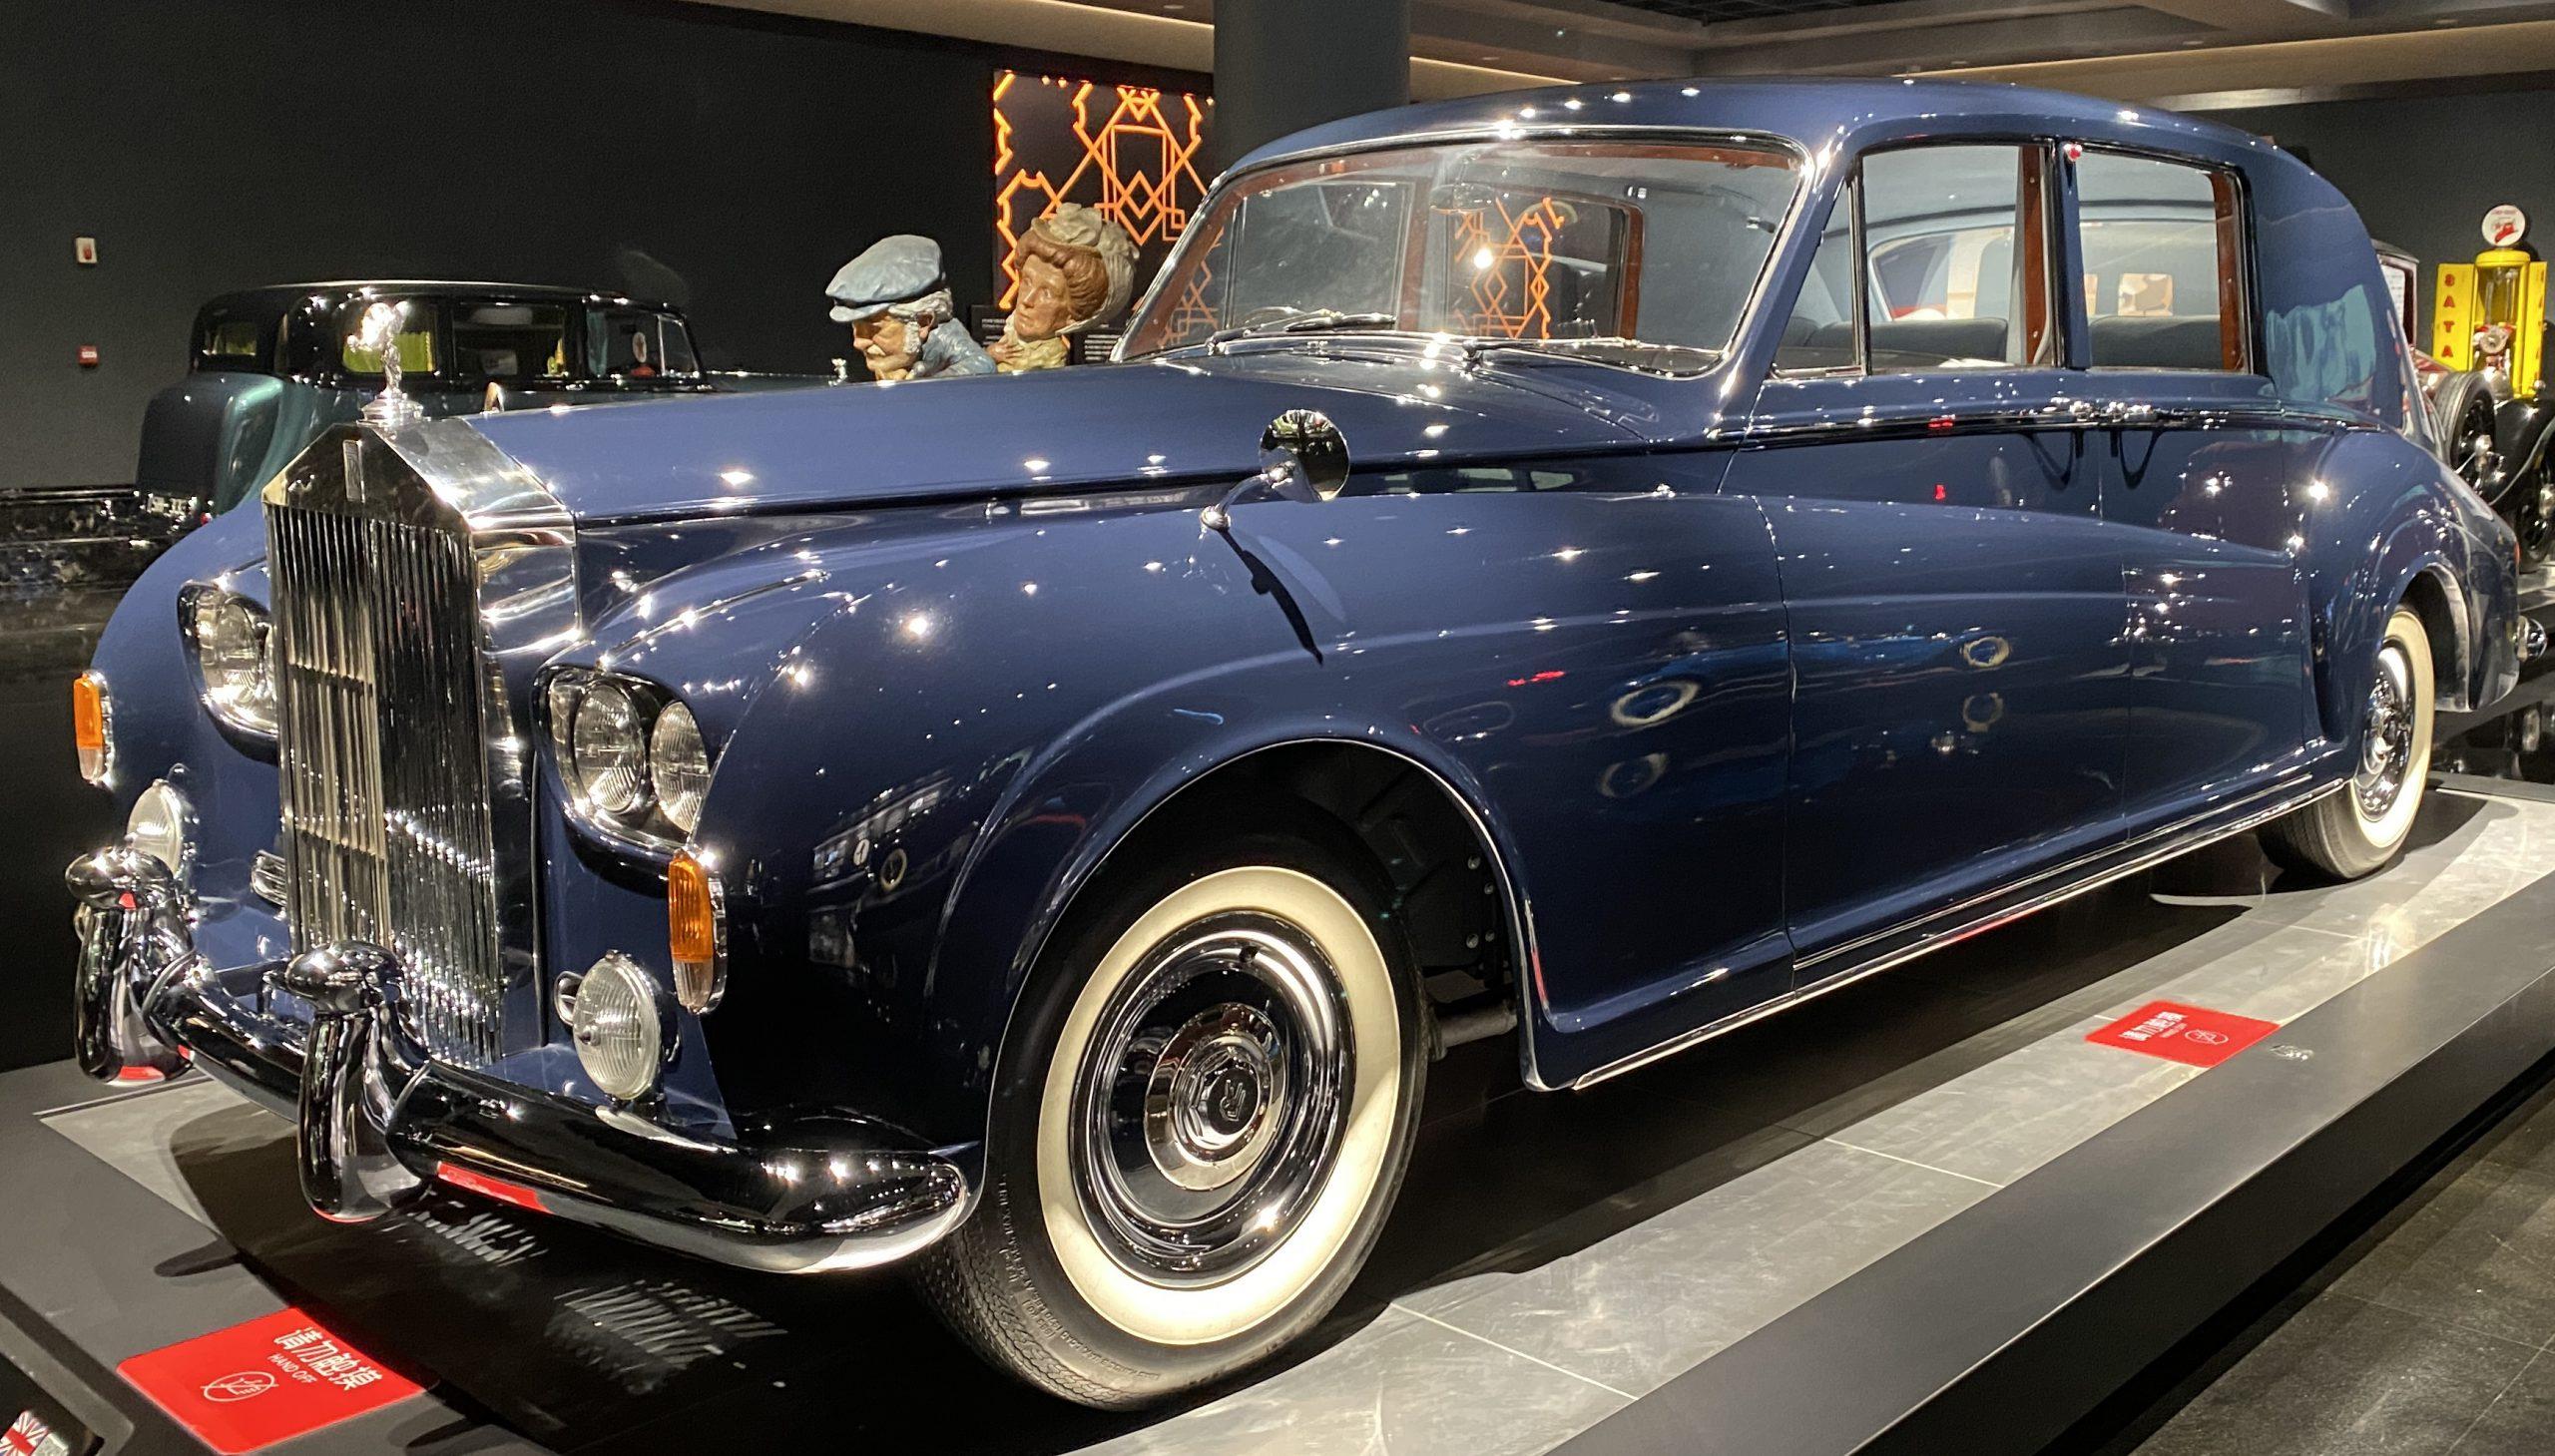 1964ロールスロイスファントムⅤ-1964 roolls-royce PhantomⅤ-常設展-三和老爺車博物館-成都市-四川省